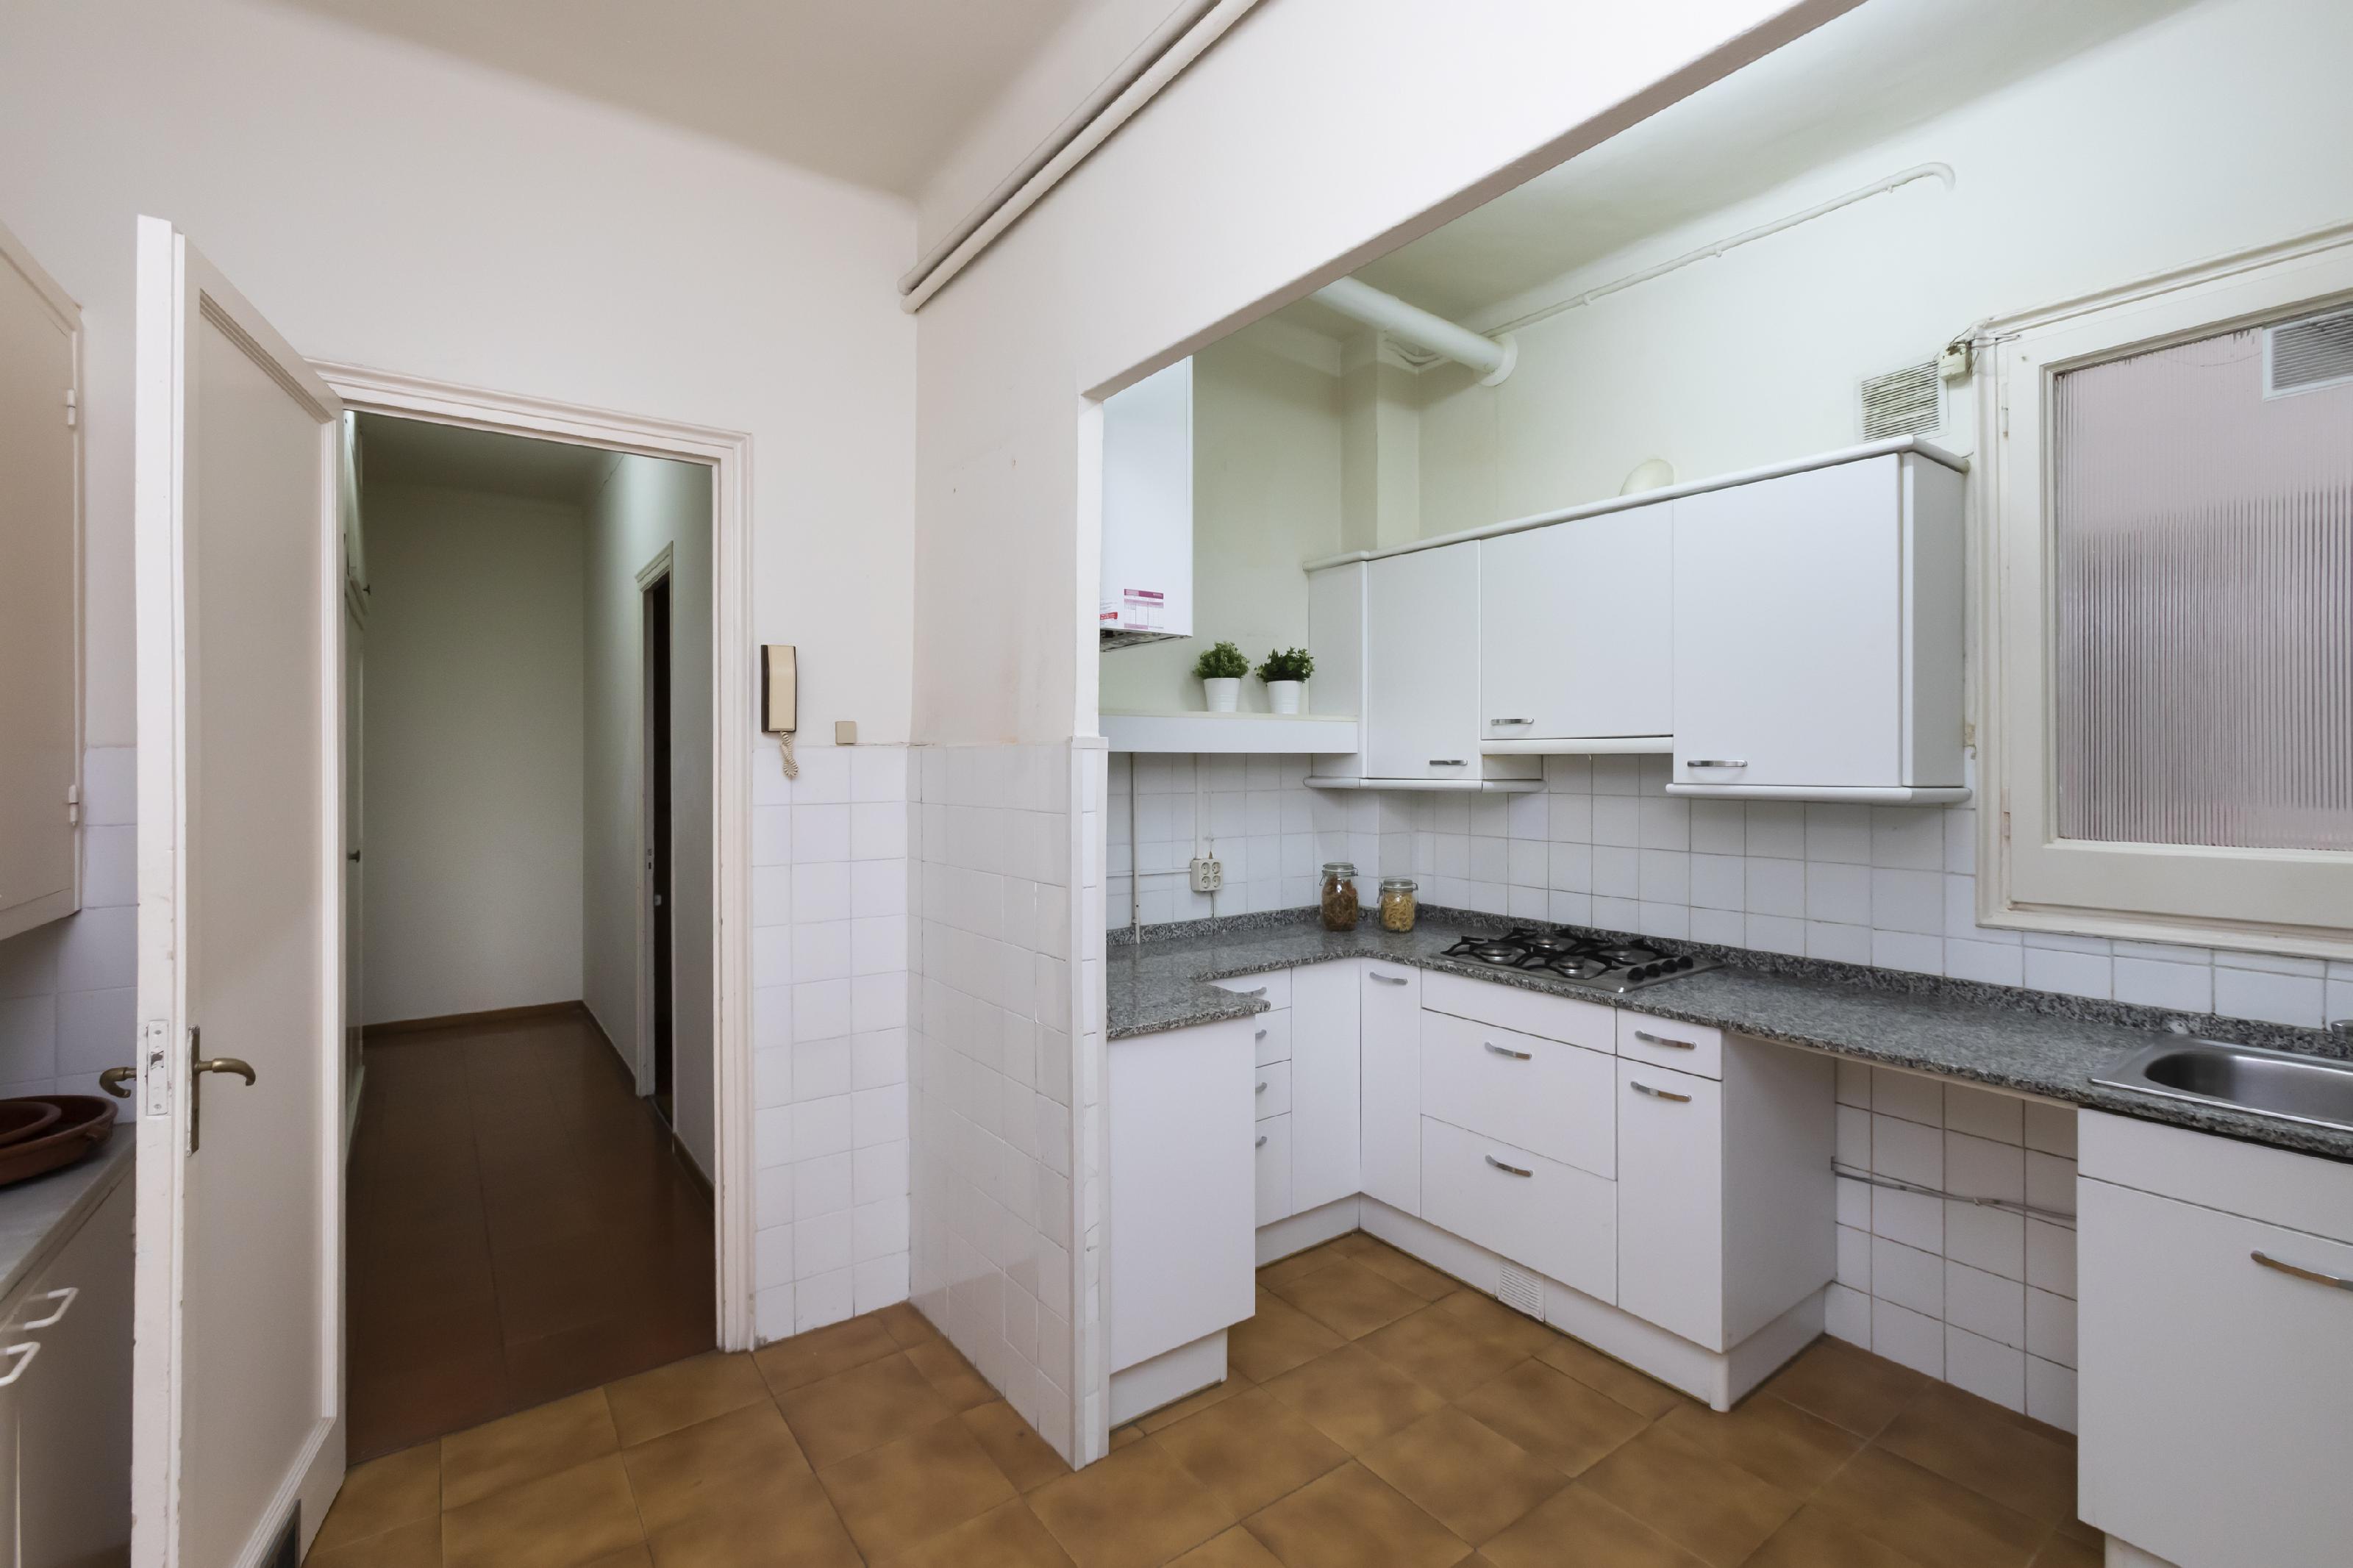 248888 Flat for sale in Sarrià-Sant Gervasi, St. Gervasi-Bonanova 18